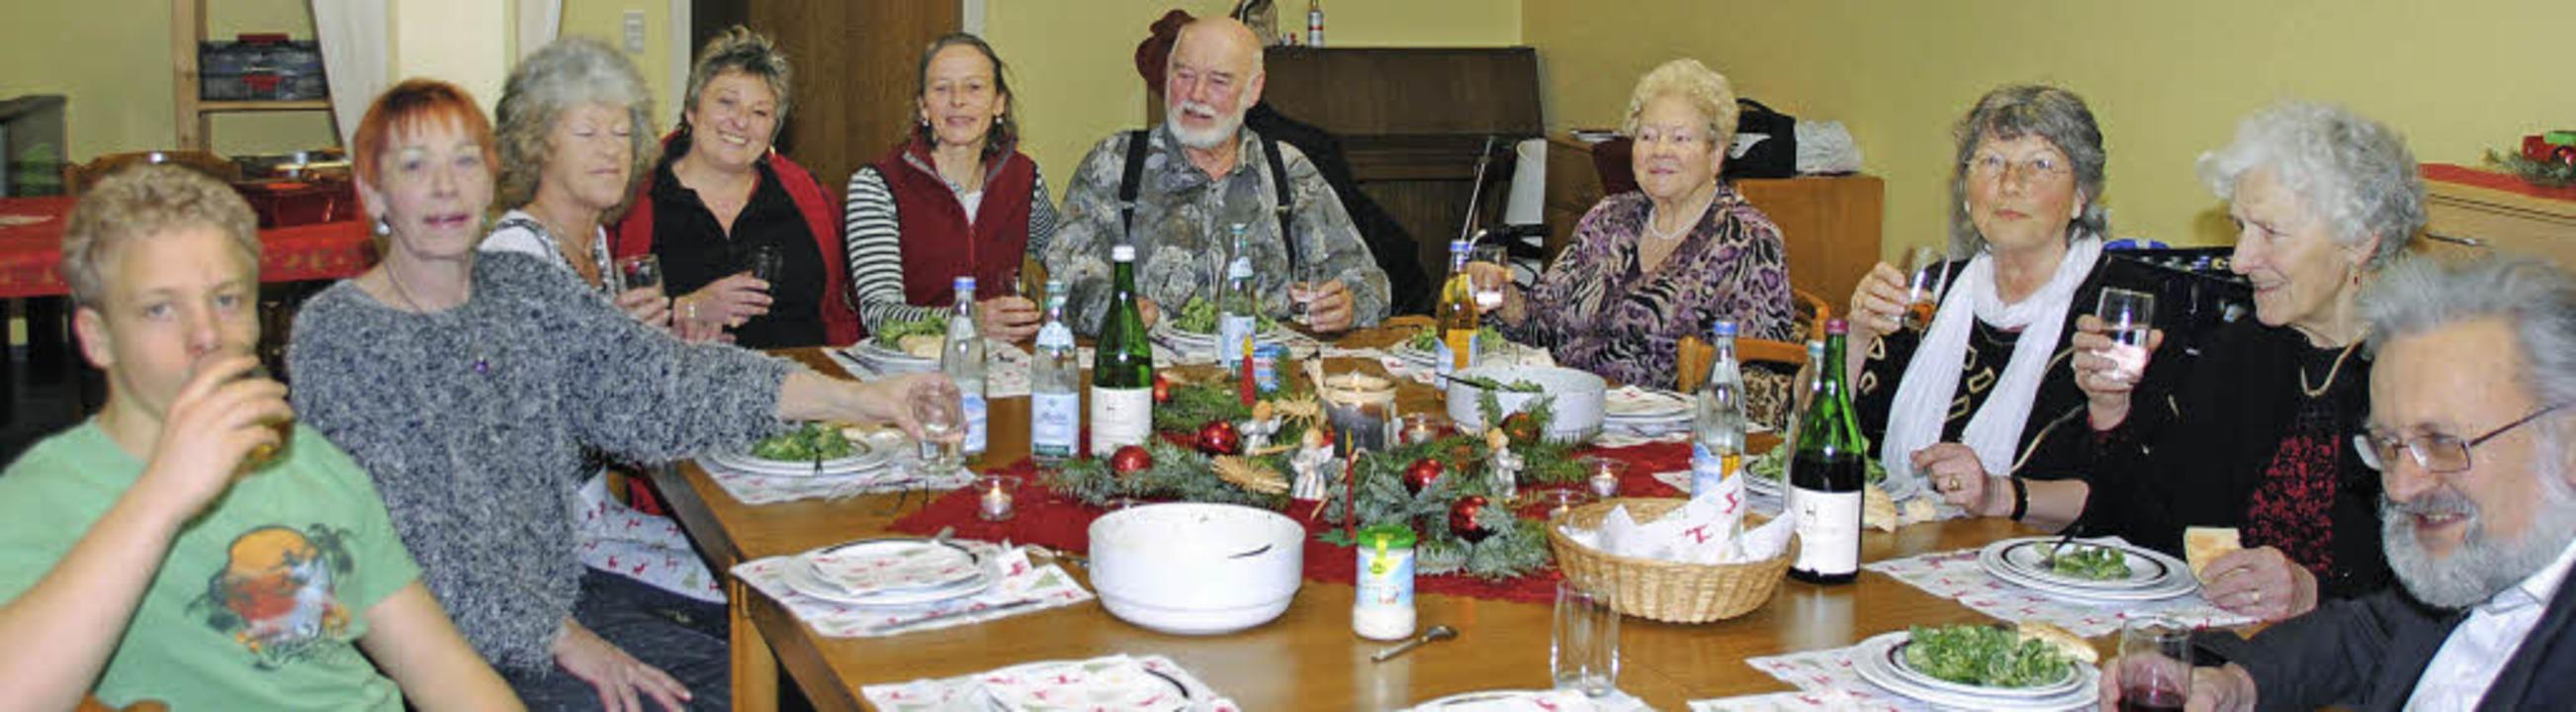 """Weihnachten muss niemand alleine feier...2;Neulinge"""" rasch wohl fühlten.     Foto: SEDLAK"""